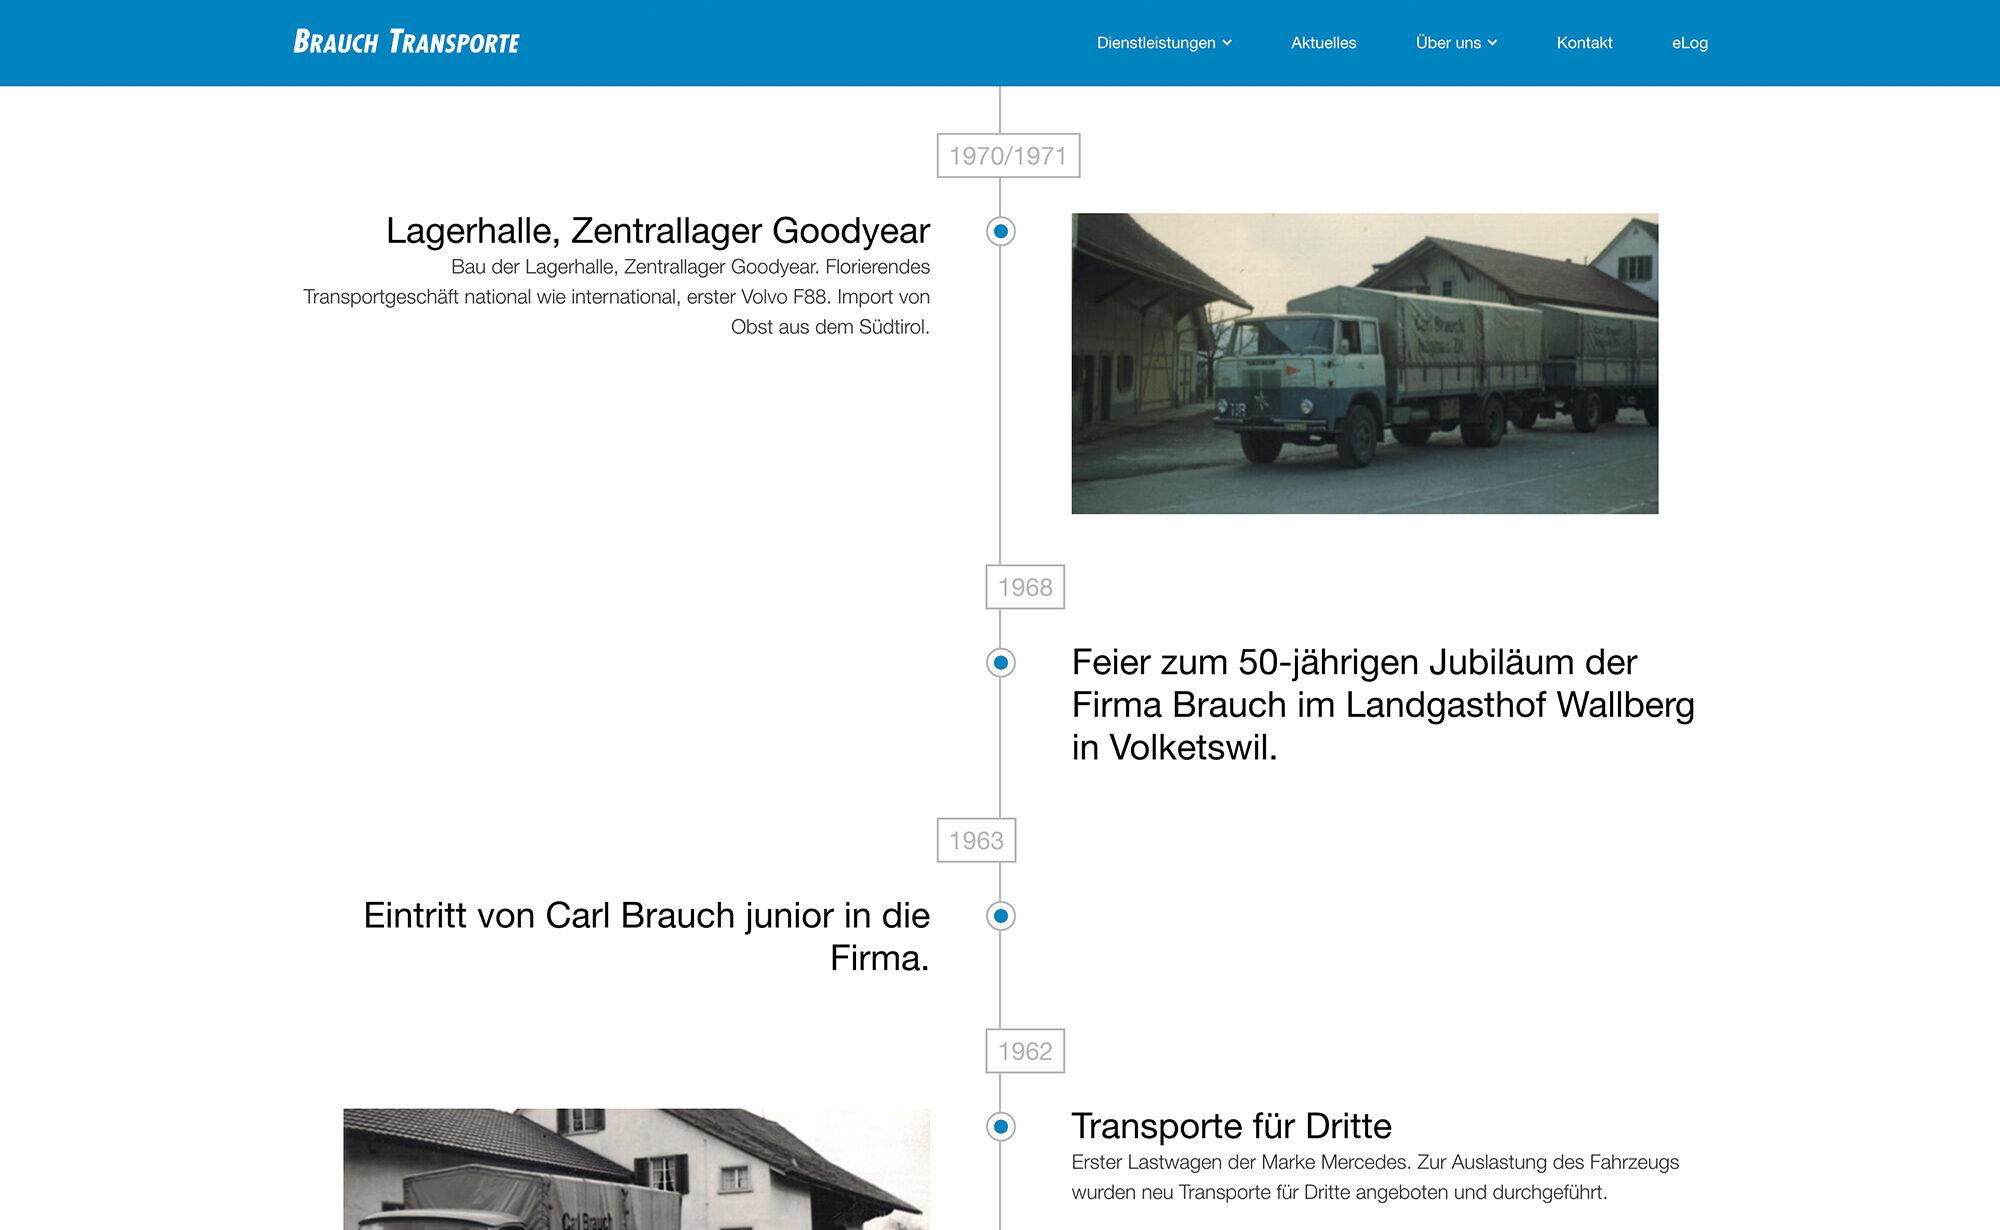 Geschichte, Website Screenshot – Brauch Transport AG, brauch-transporte.ch